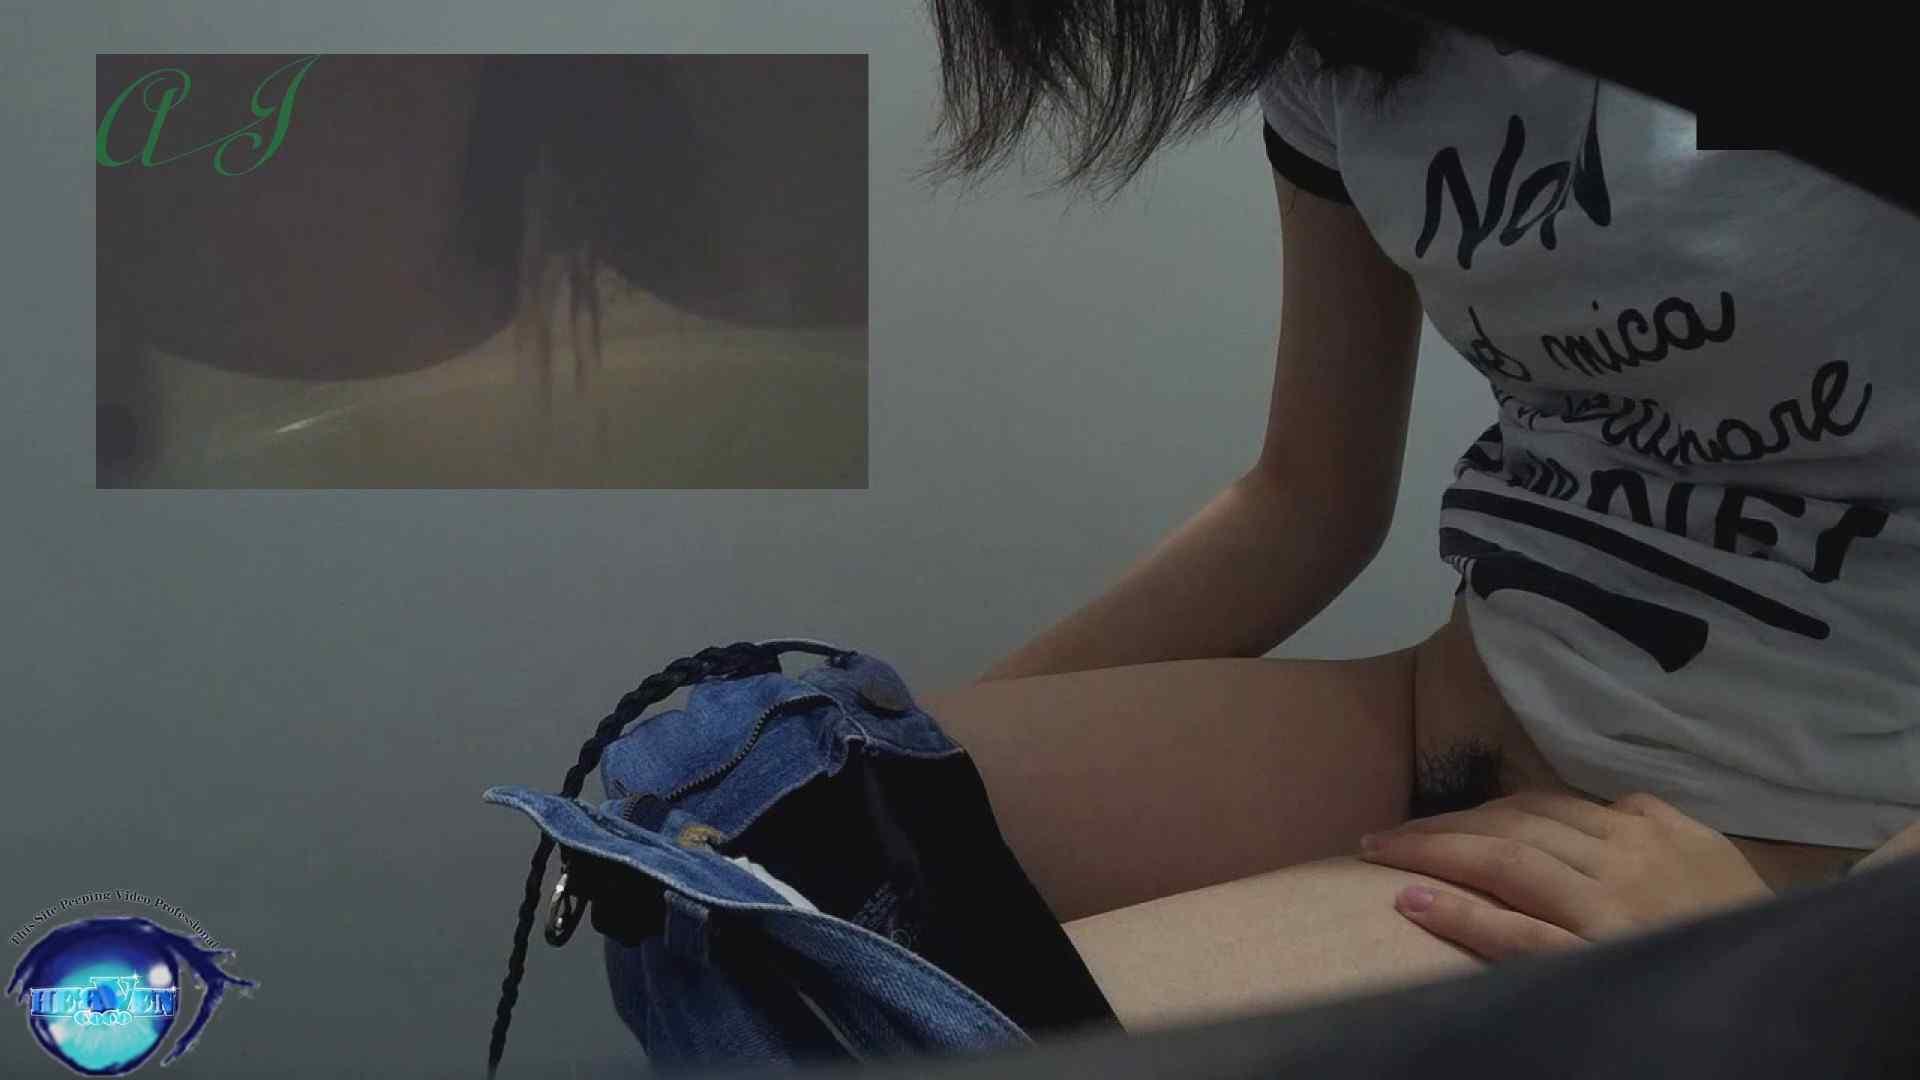 有名大学女性洗面所 vol.69可憐な女子の裏にあるオシリ・・・後編 0  76pic 26